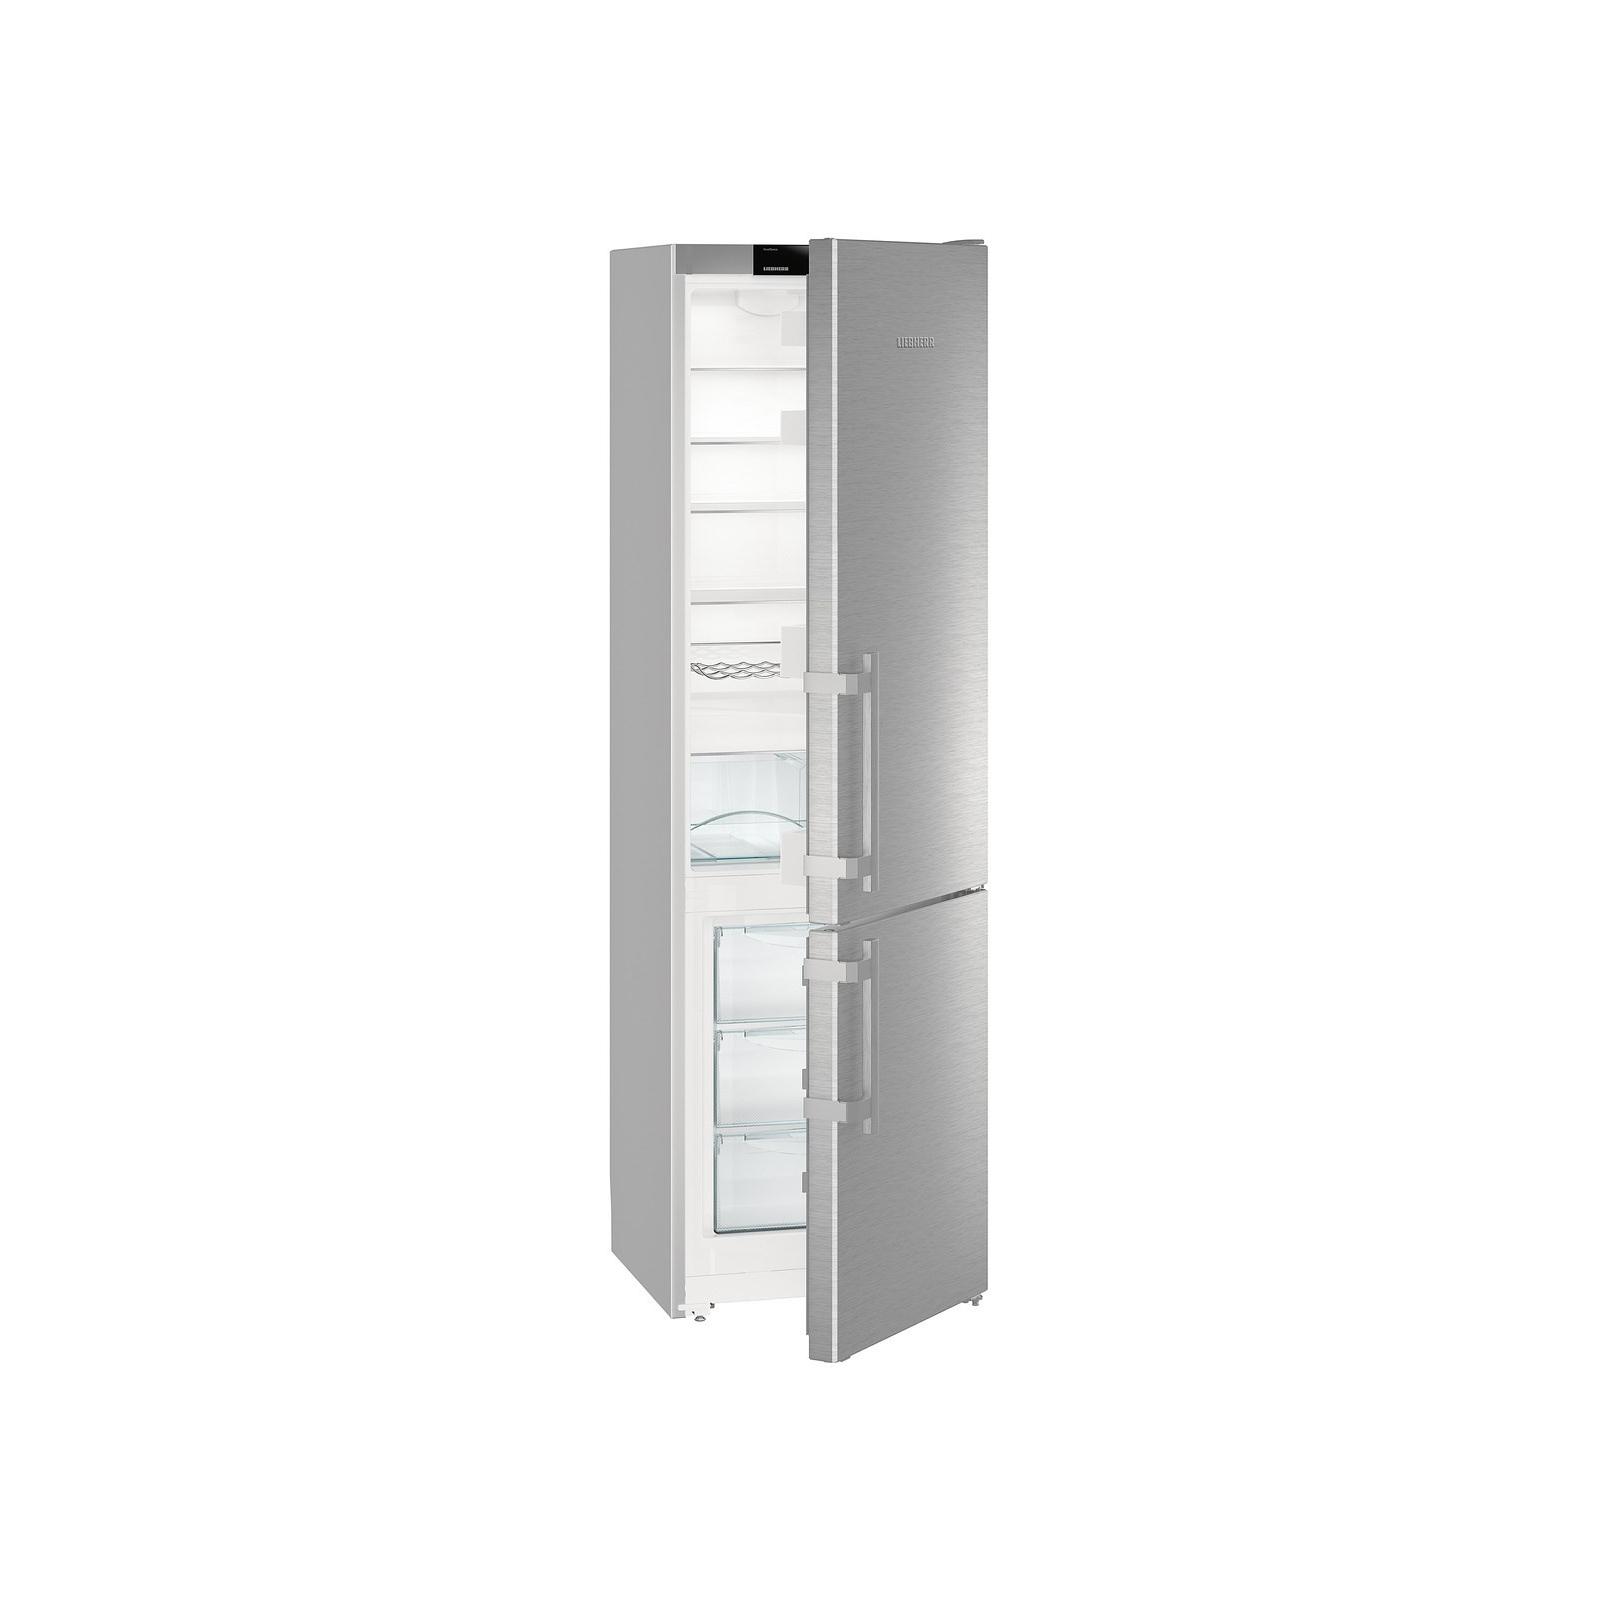 Холодильник Liebherr CUef 4015 изображение 2